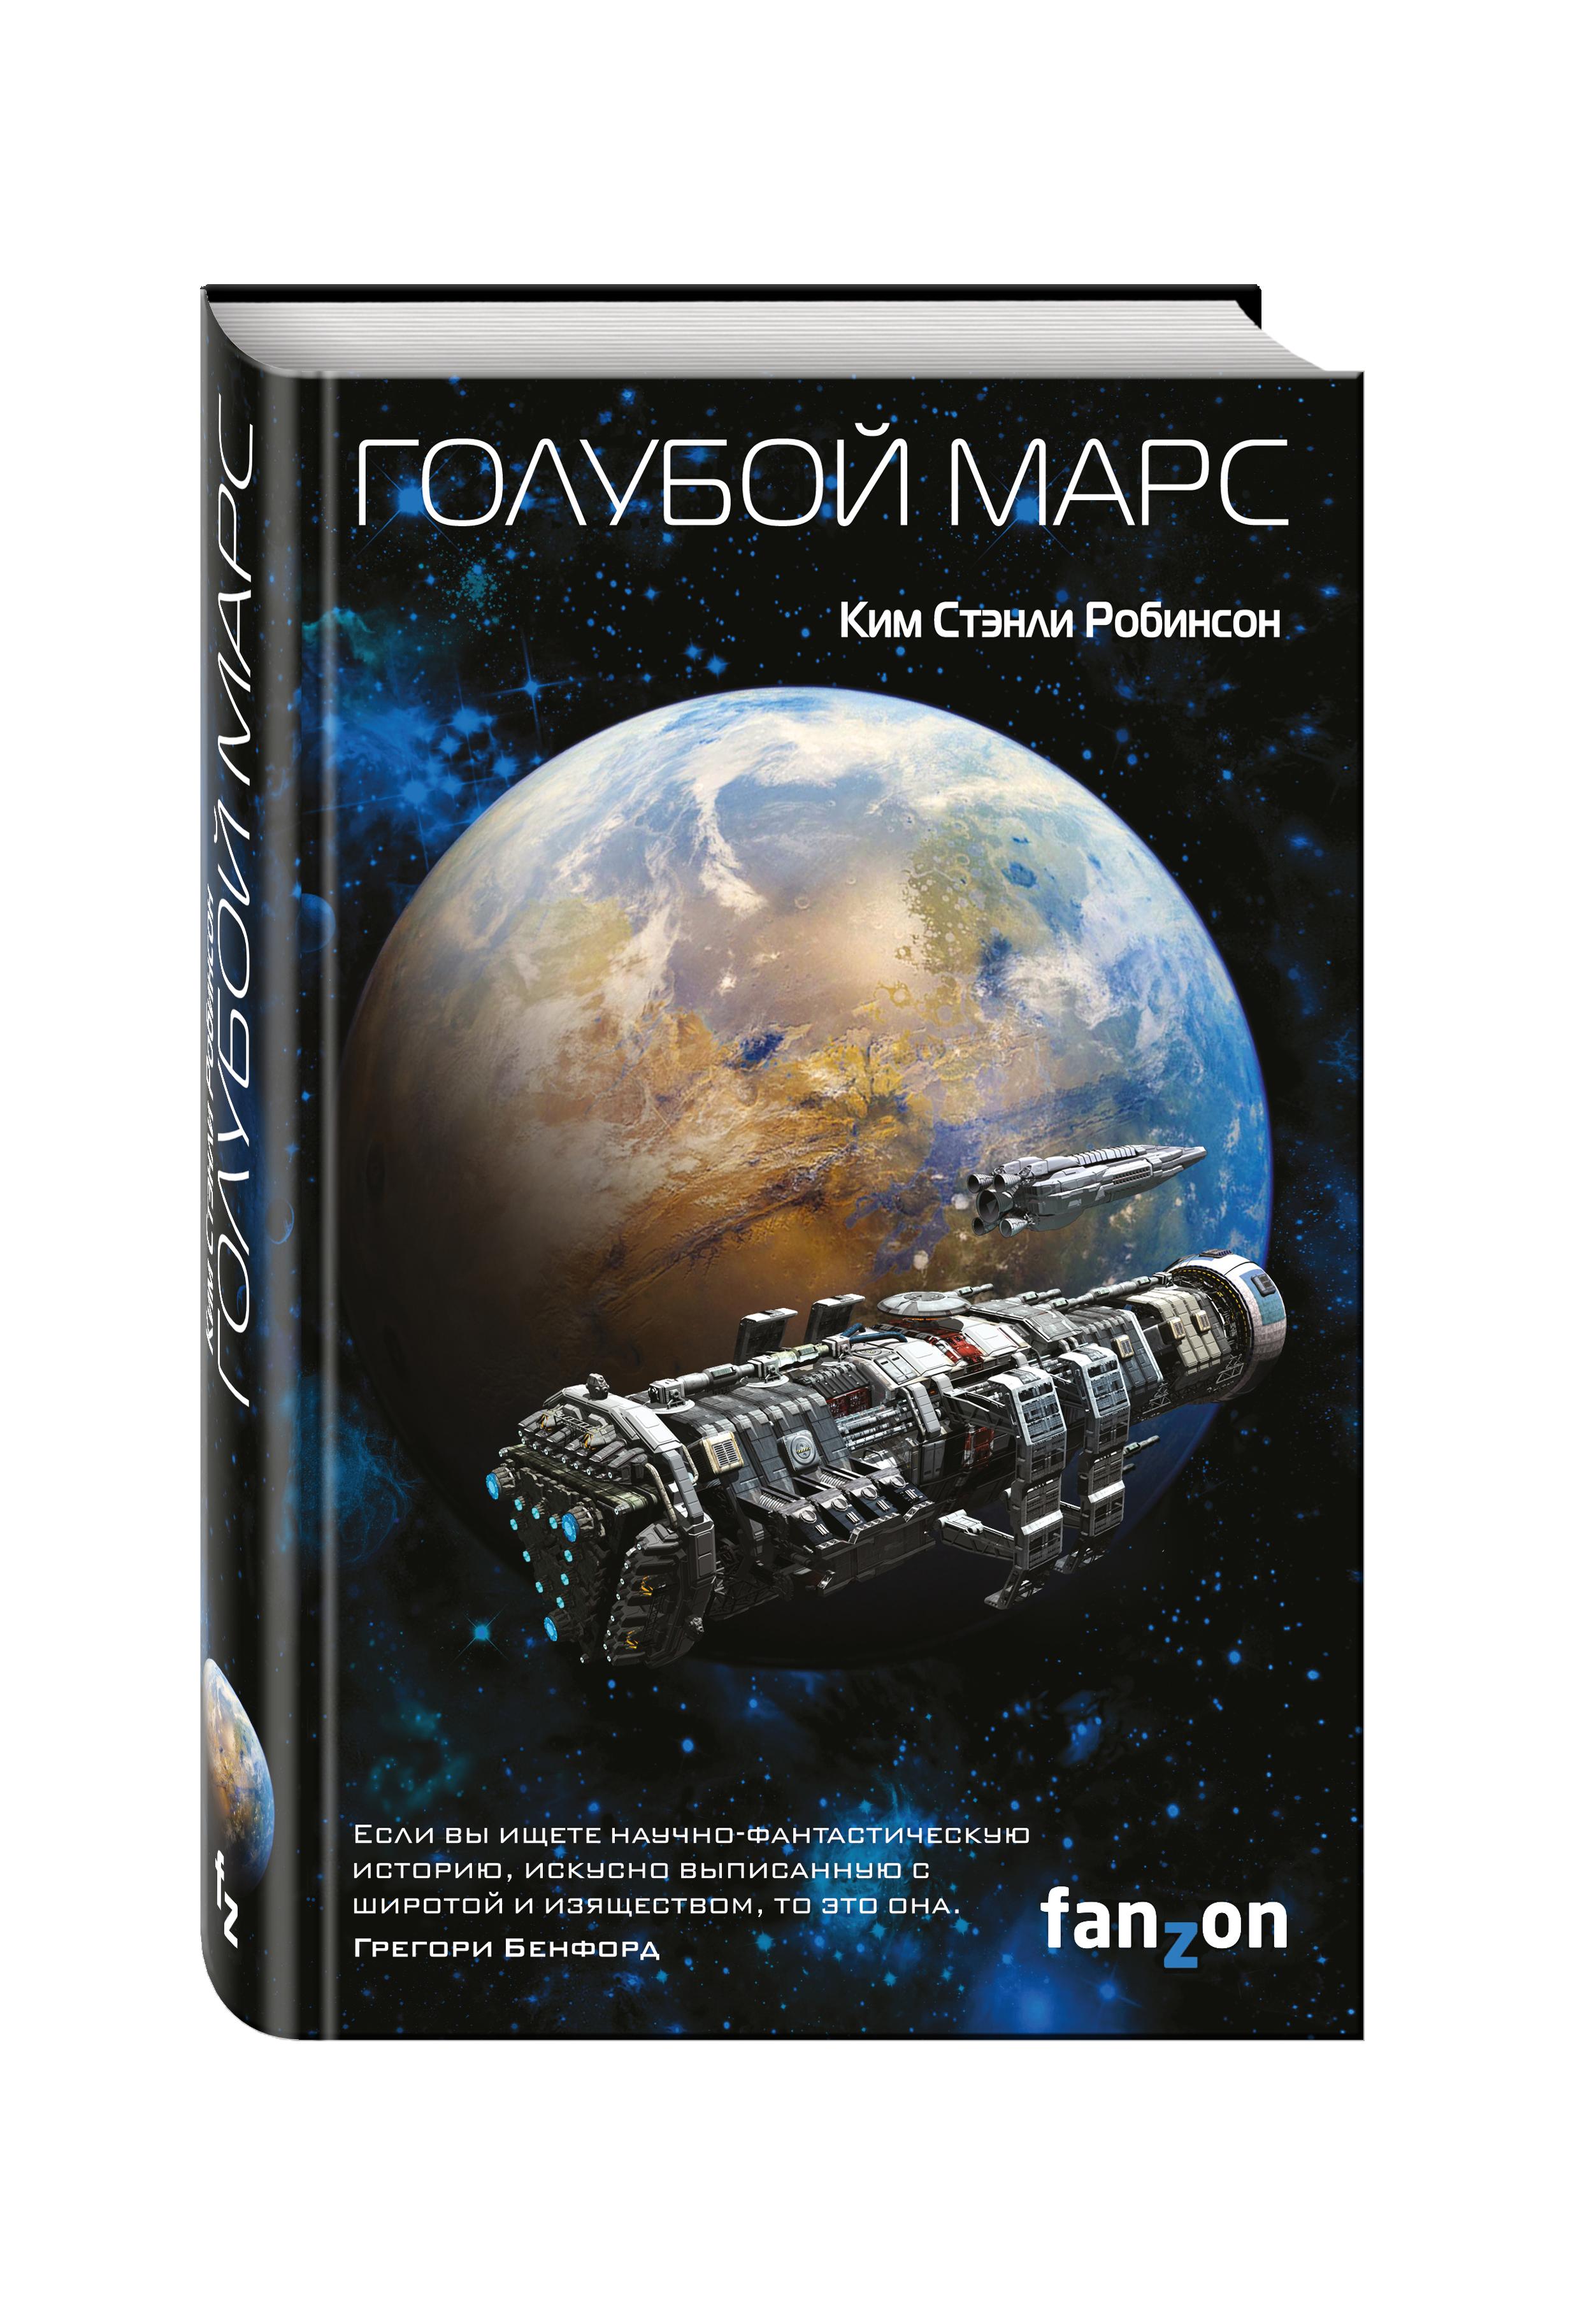 Ким Стэнли Робинсон Голубой Марс цена